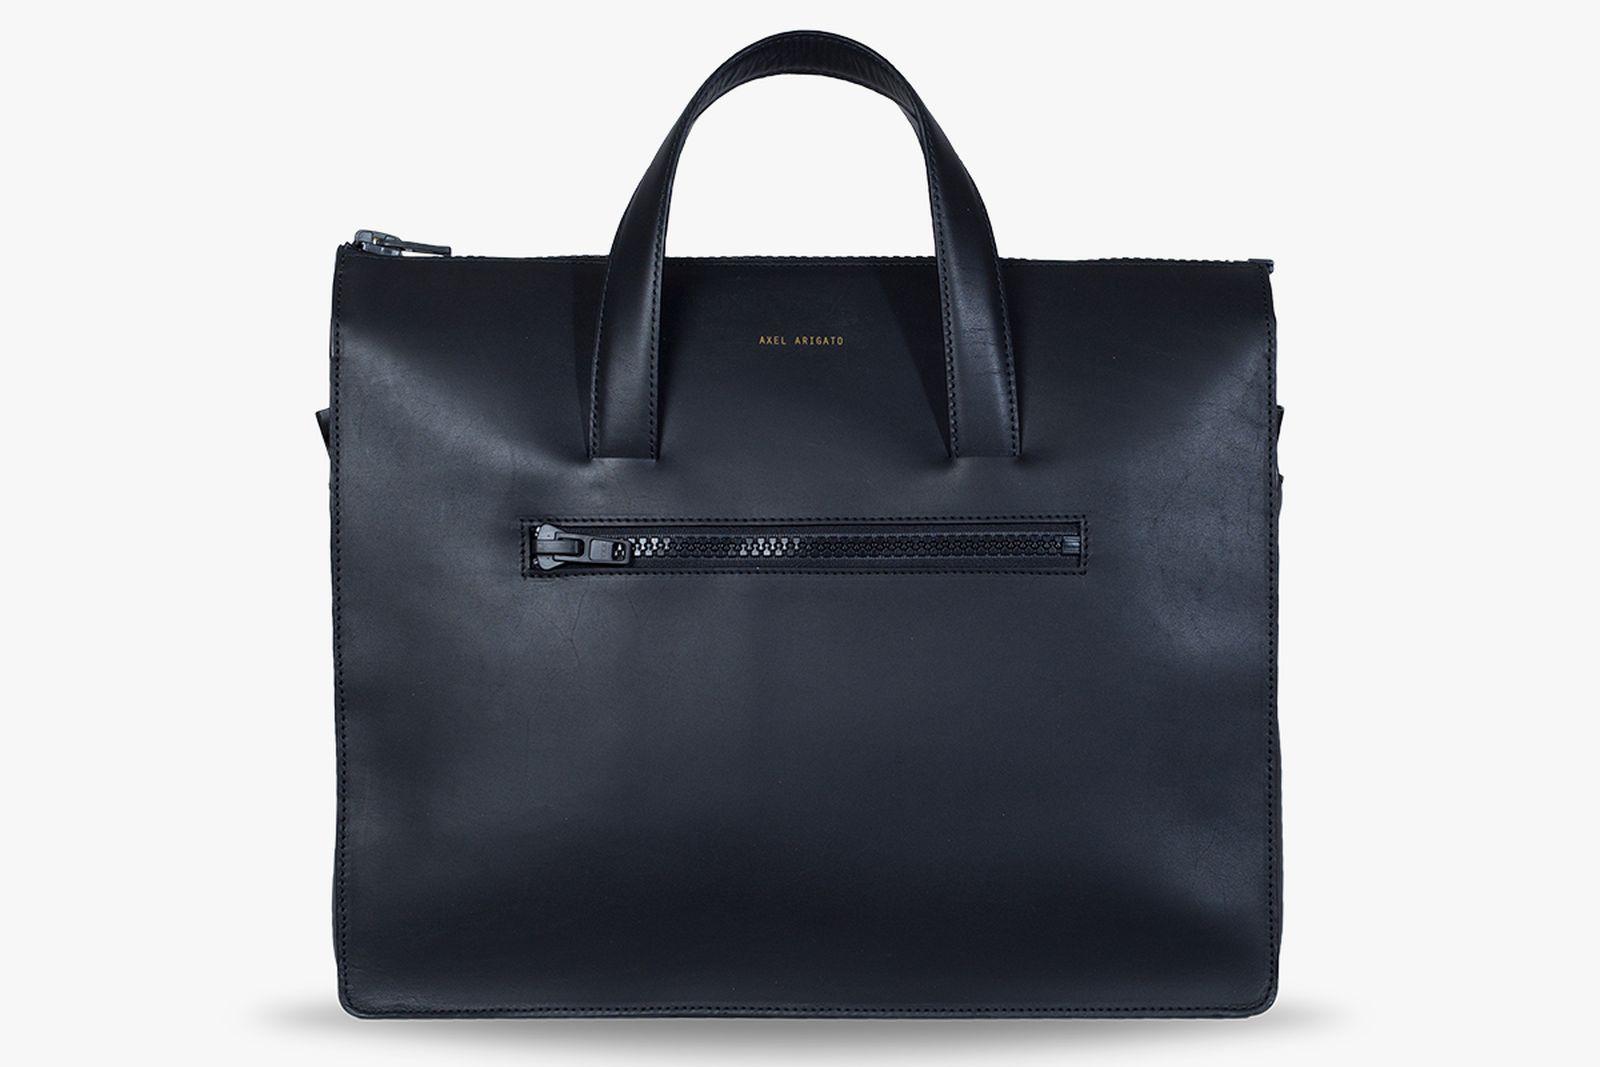 axel-arigato-bag-collection-01